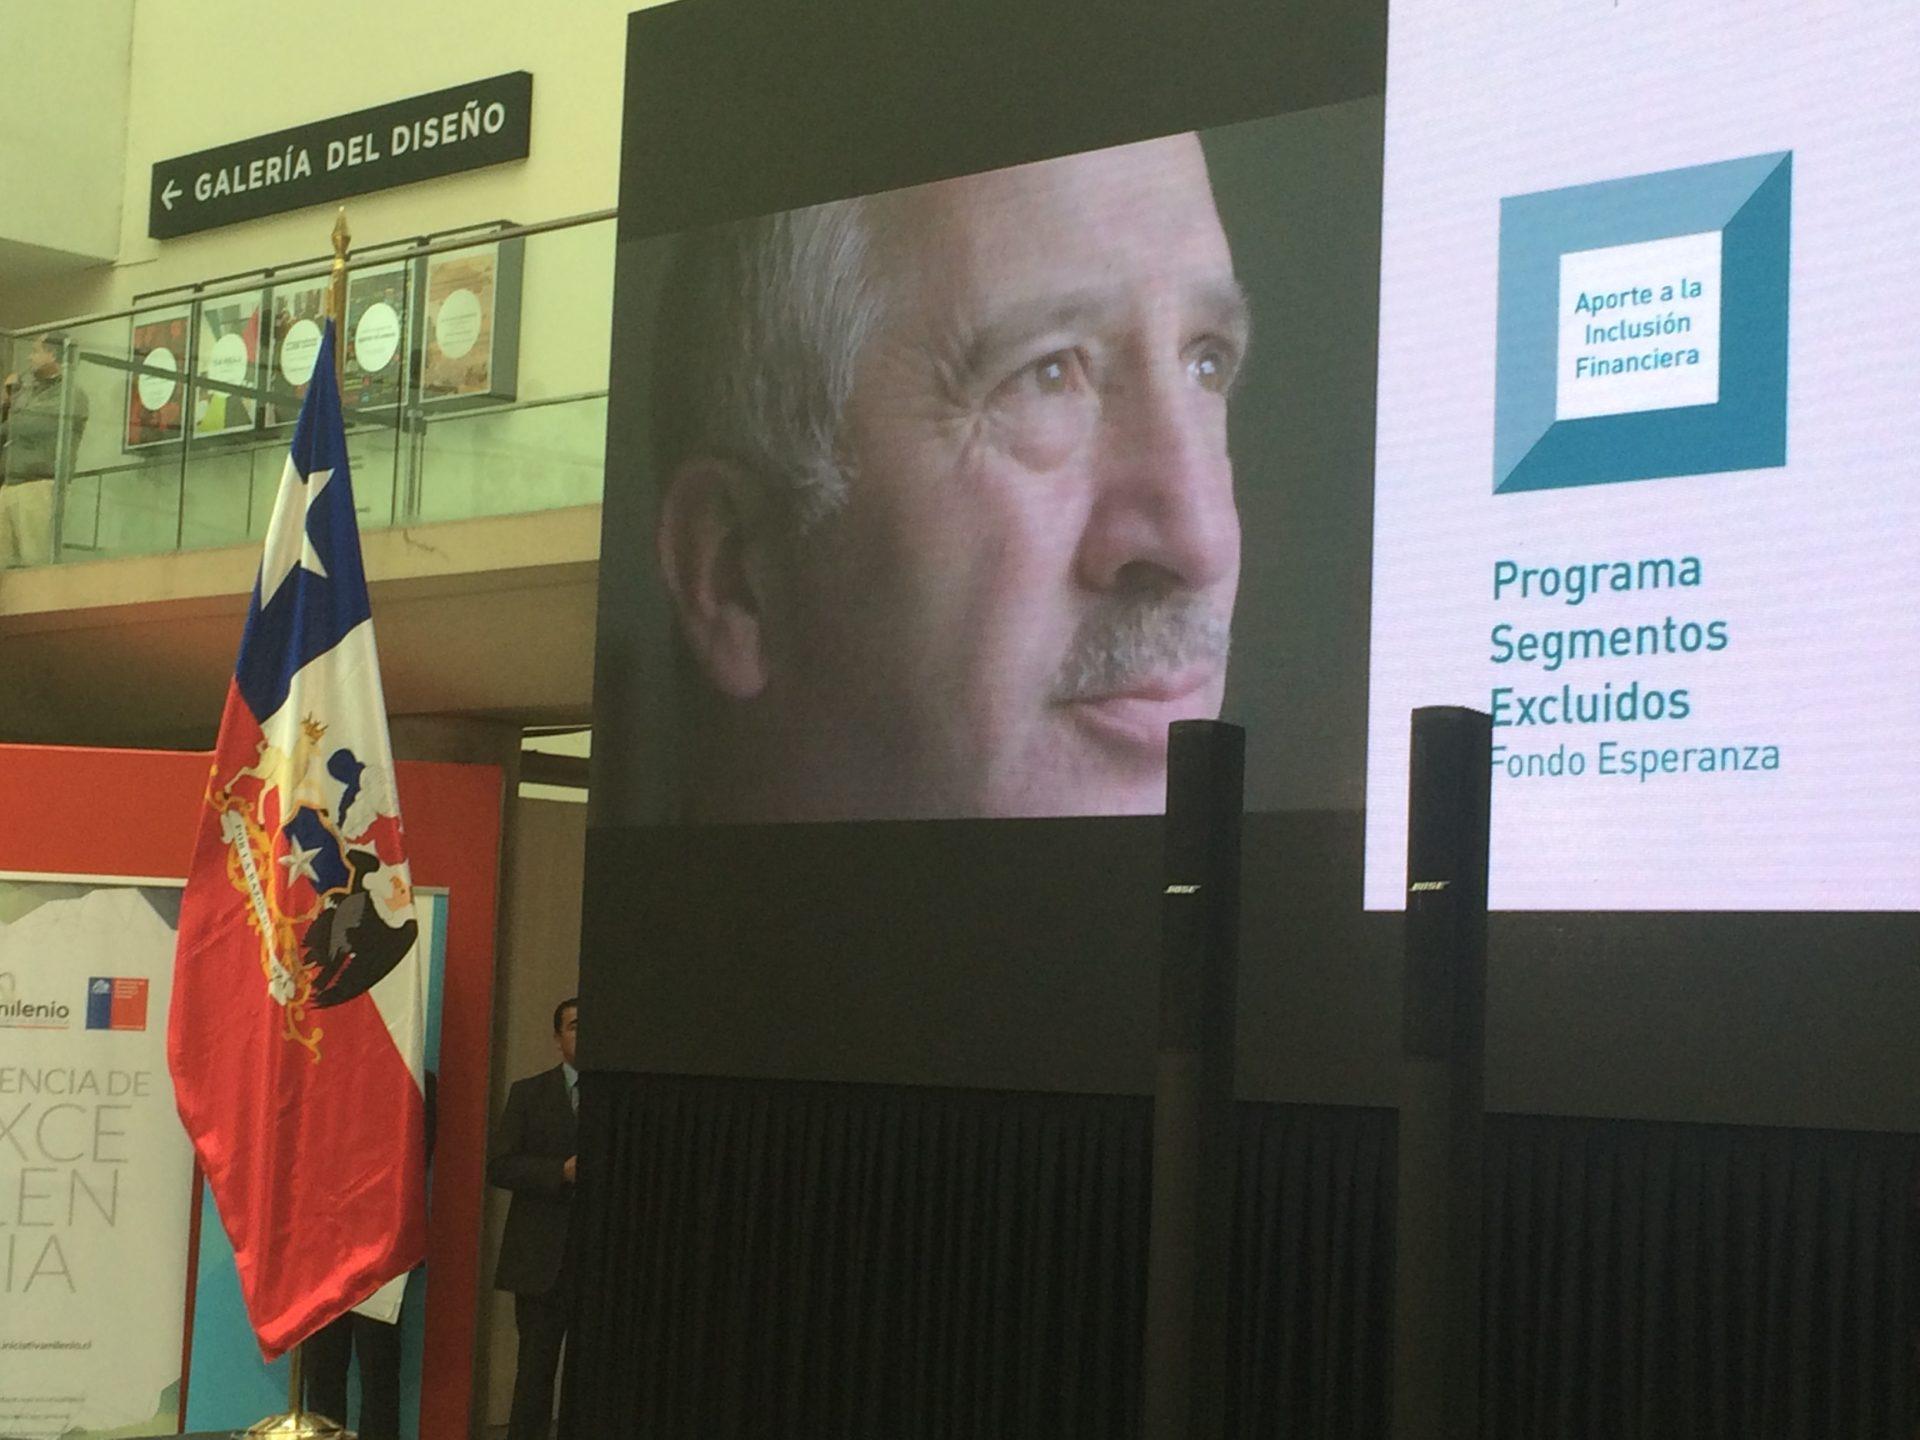 Fotografía Premio Inclusión Financiera Microfinanzas Chile